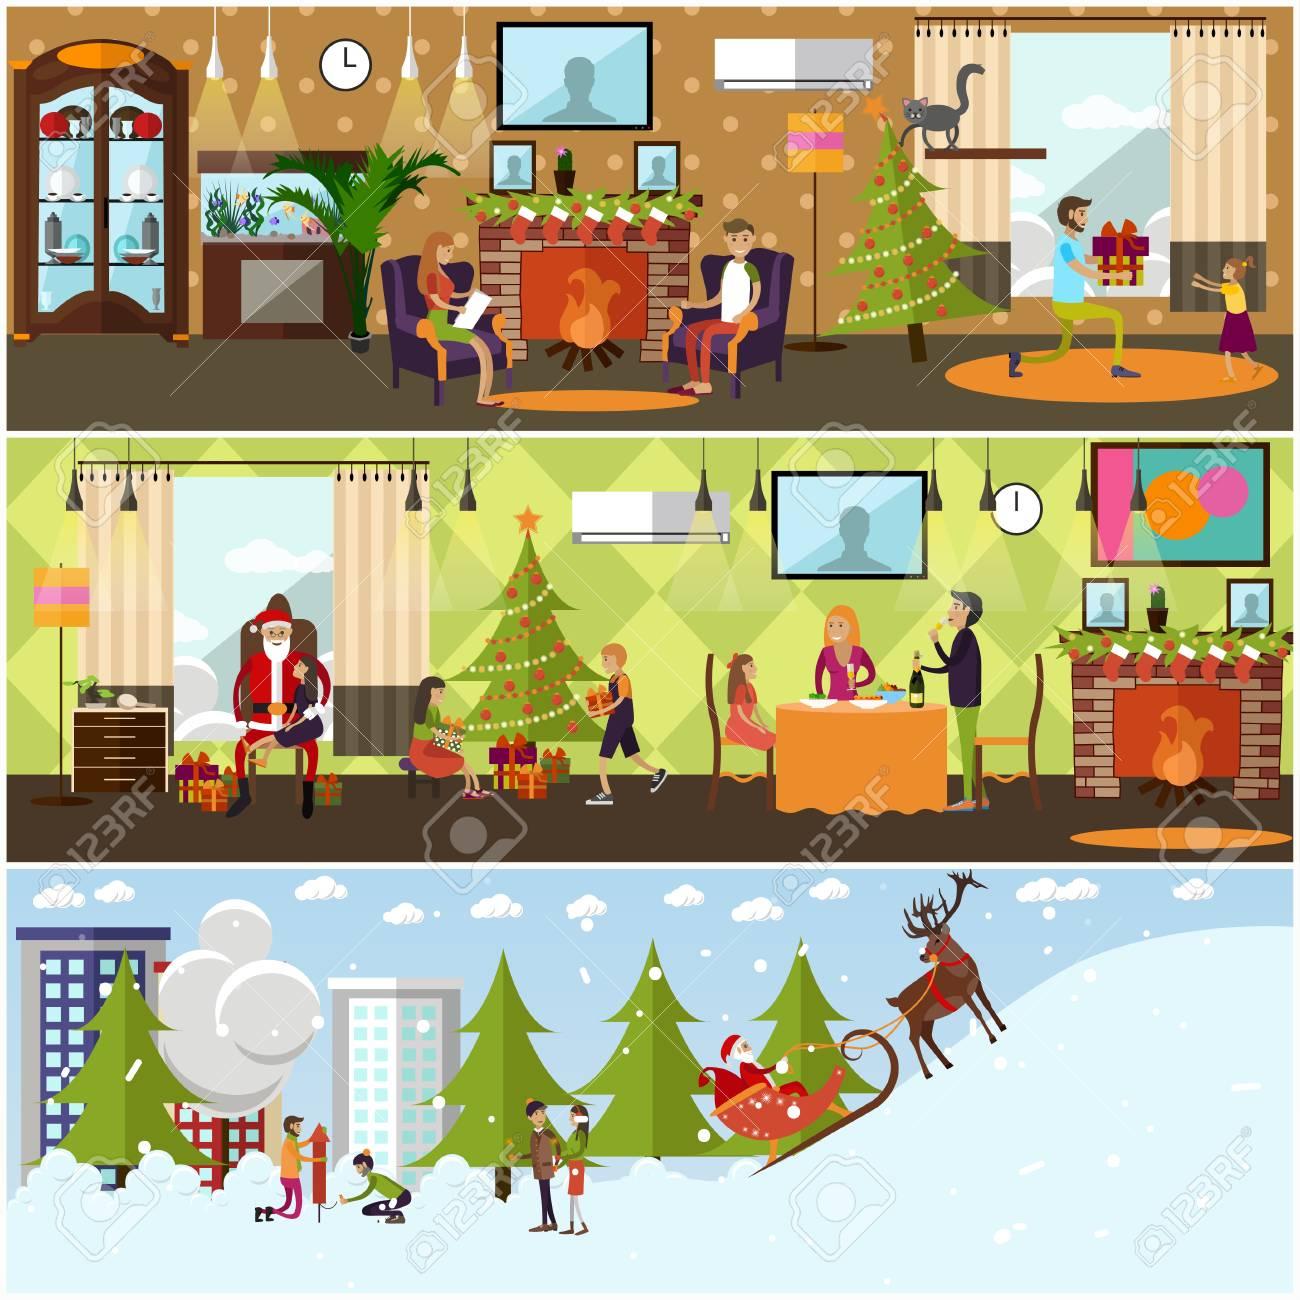 Du nouvel an intérieur de maison de vacances éléments de conception de paysage urbain hiver personnages de dessins animés temps de noël nouvel an